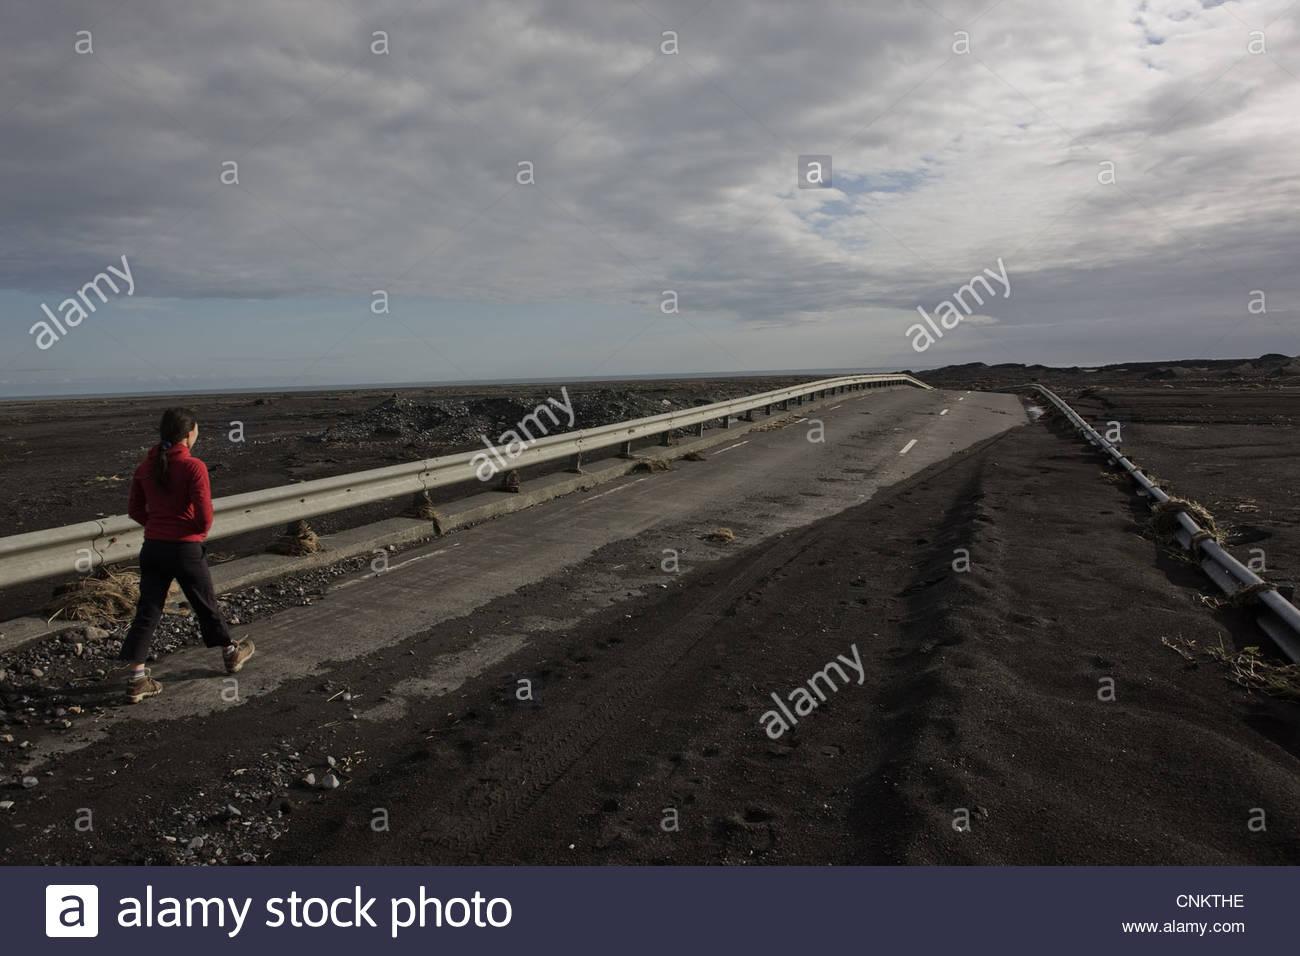 Frau zu Fuß auf Landstraße Stockbild